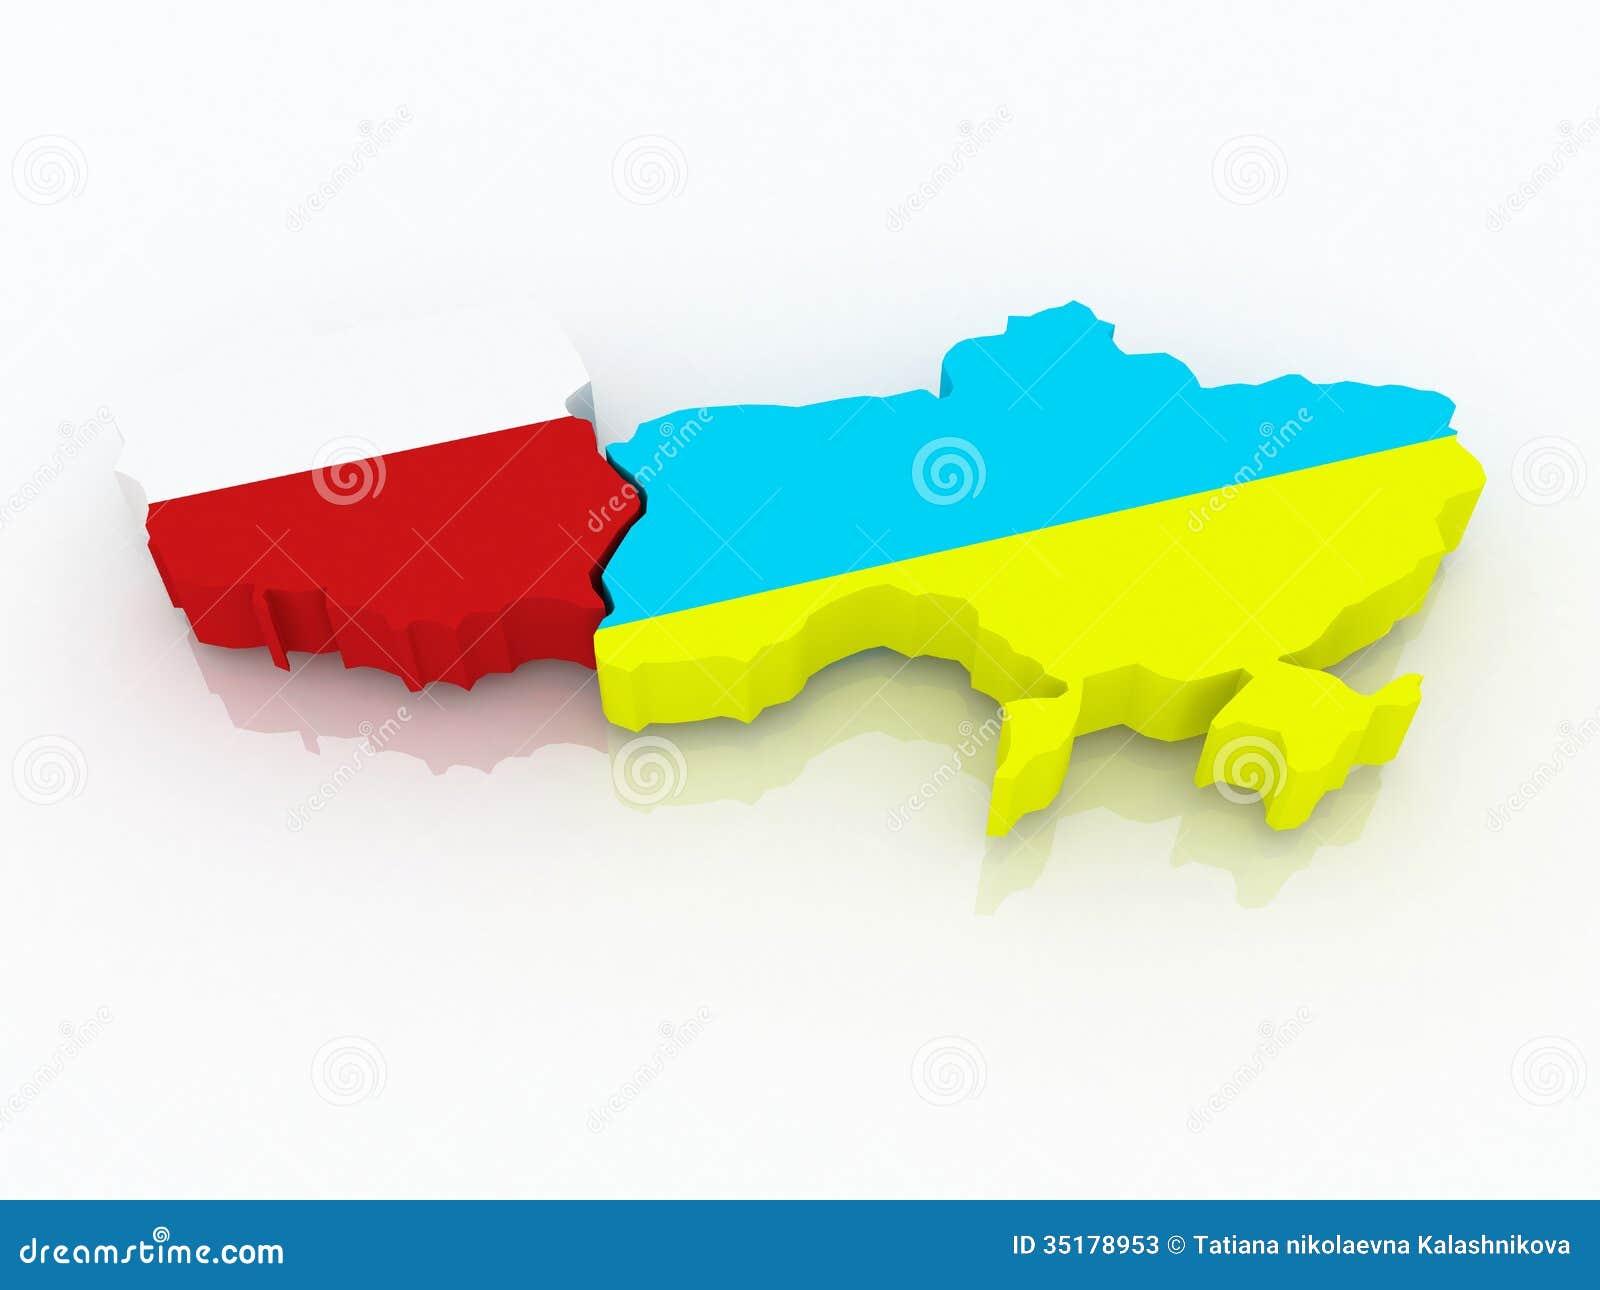 Stockfotos karte von polen und von ukraine